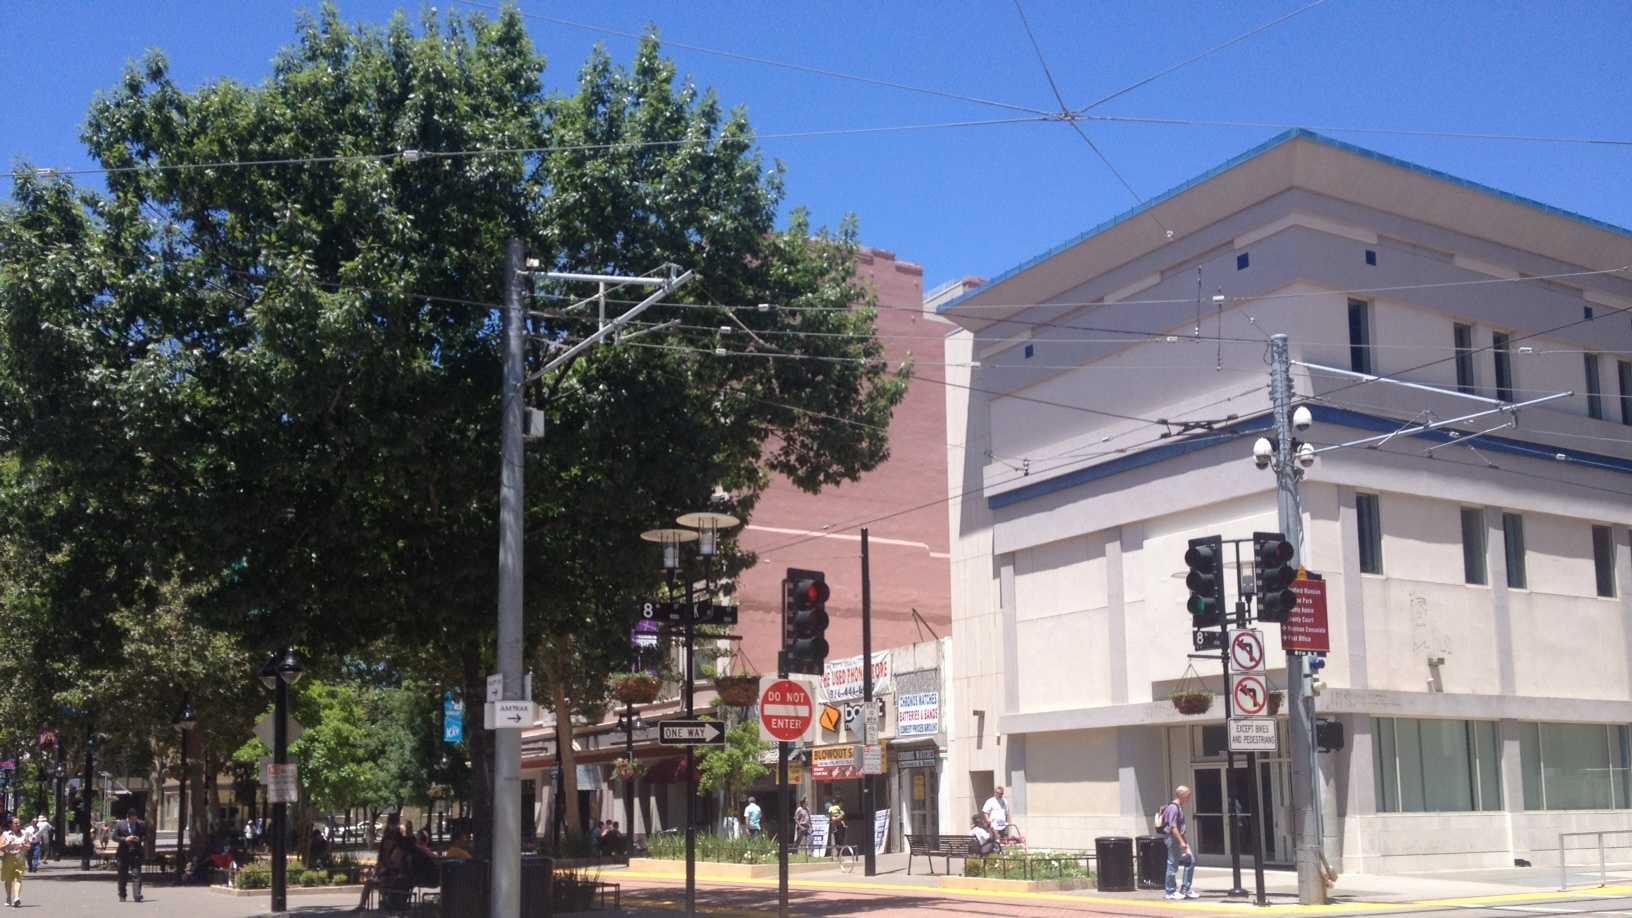 731 K Street in 2013